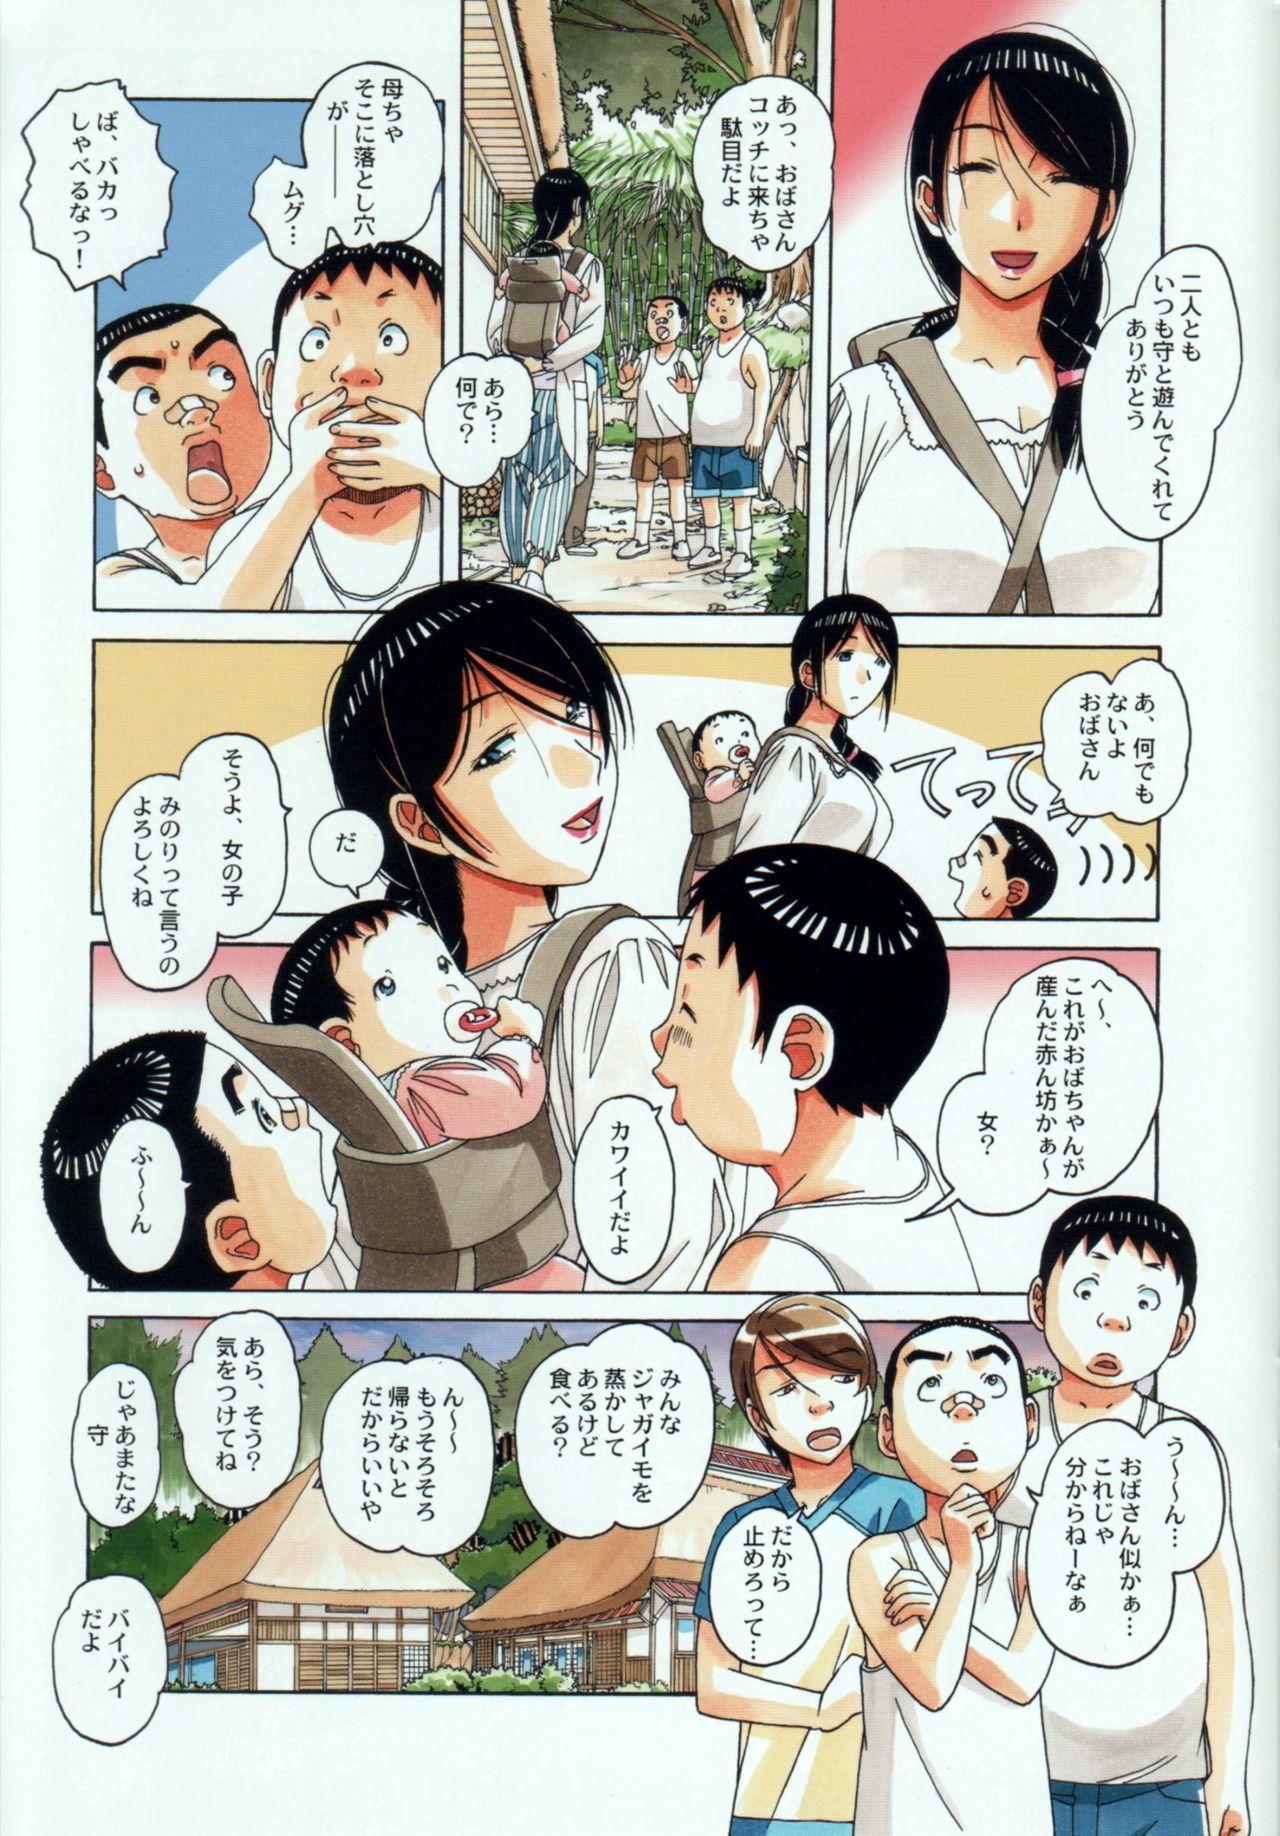 Kainuma Mura no Seikatsu Jijou 1 Gifuyome Chigusa 14